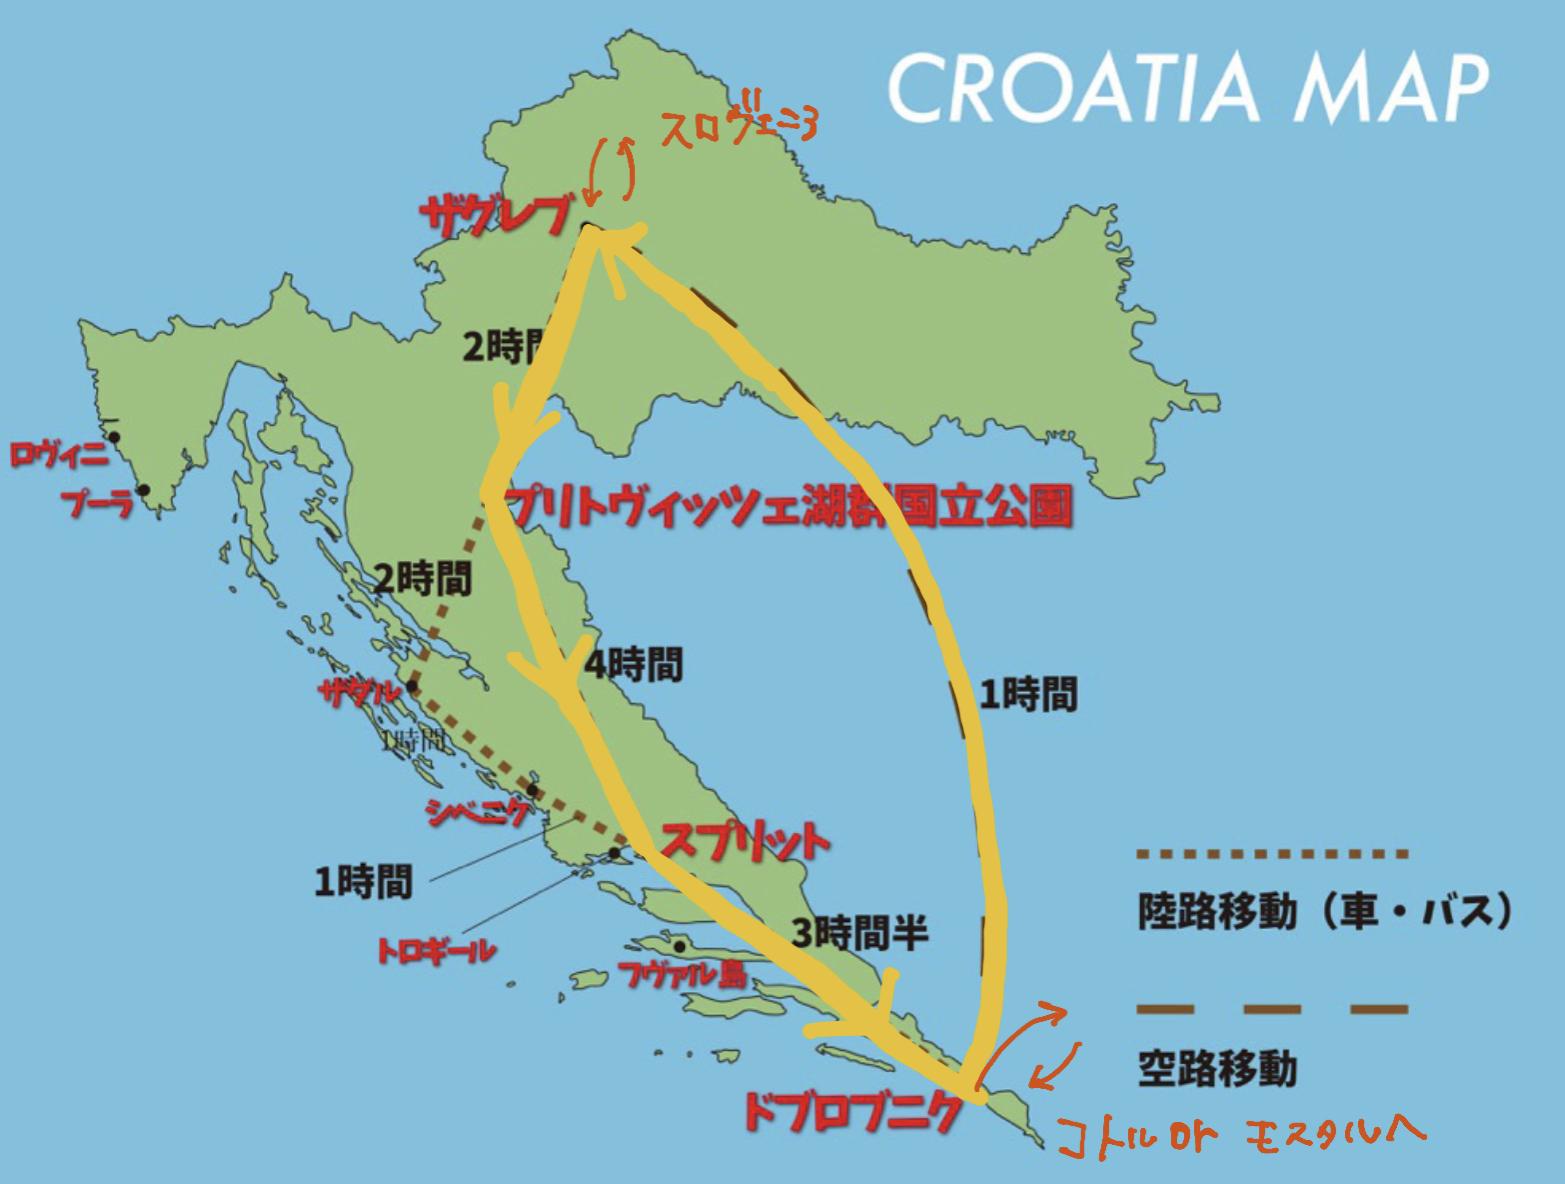 クロアチア新婚旅行 モデルプラン②